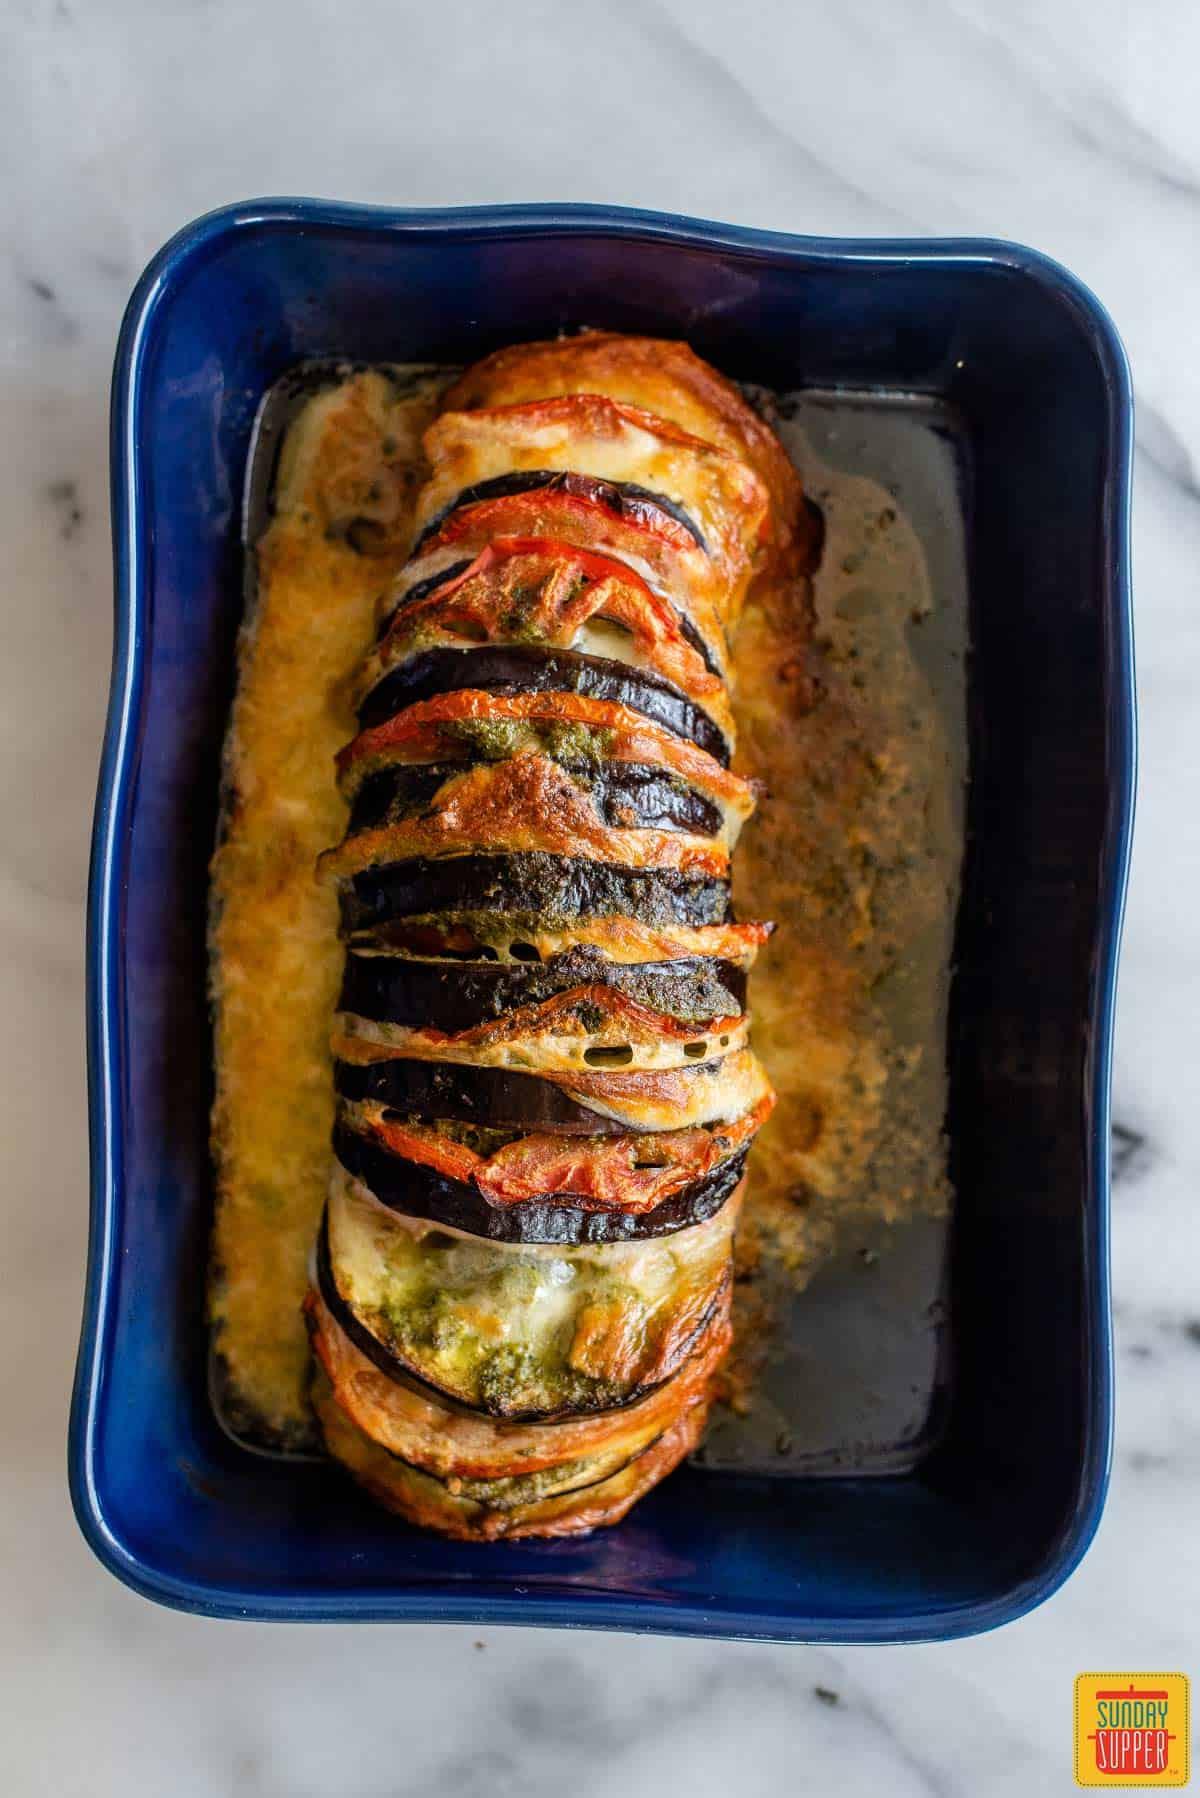 Caprese roasted eggplant on a blue baking dish